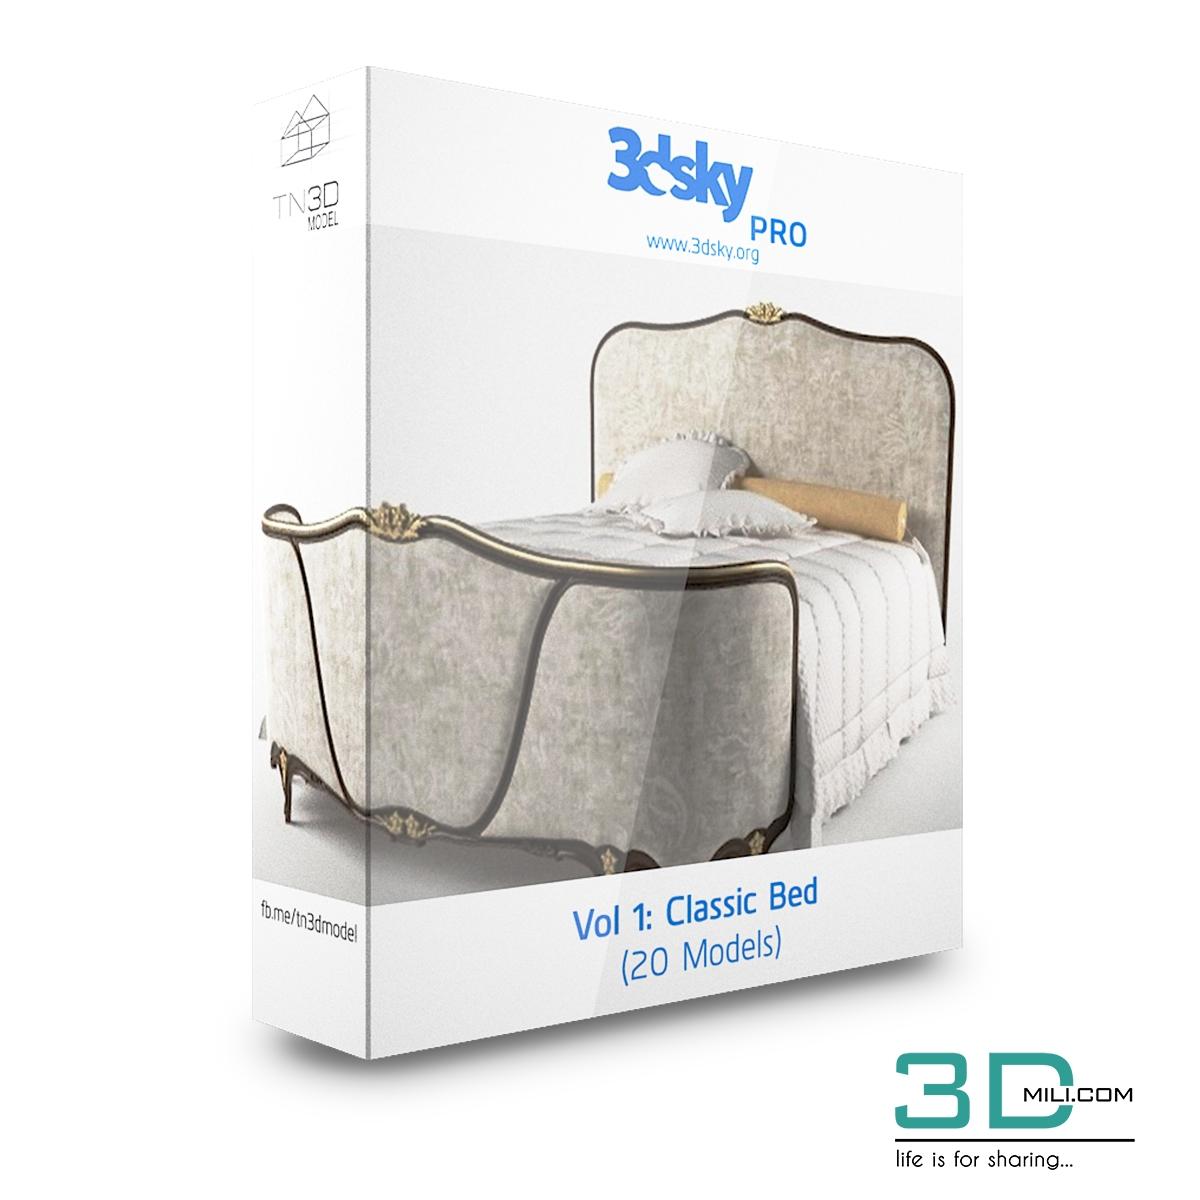 3dsky Pro Vol 1: Classic Beds - 3D Mili - Download 3D Model